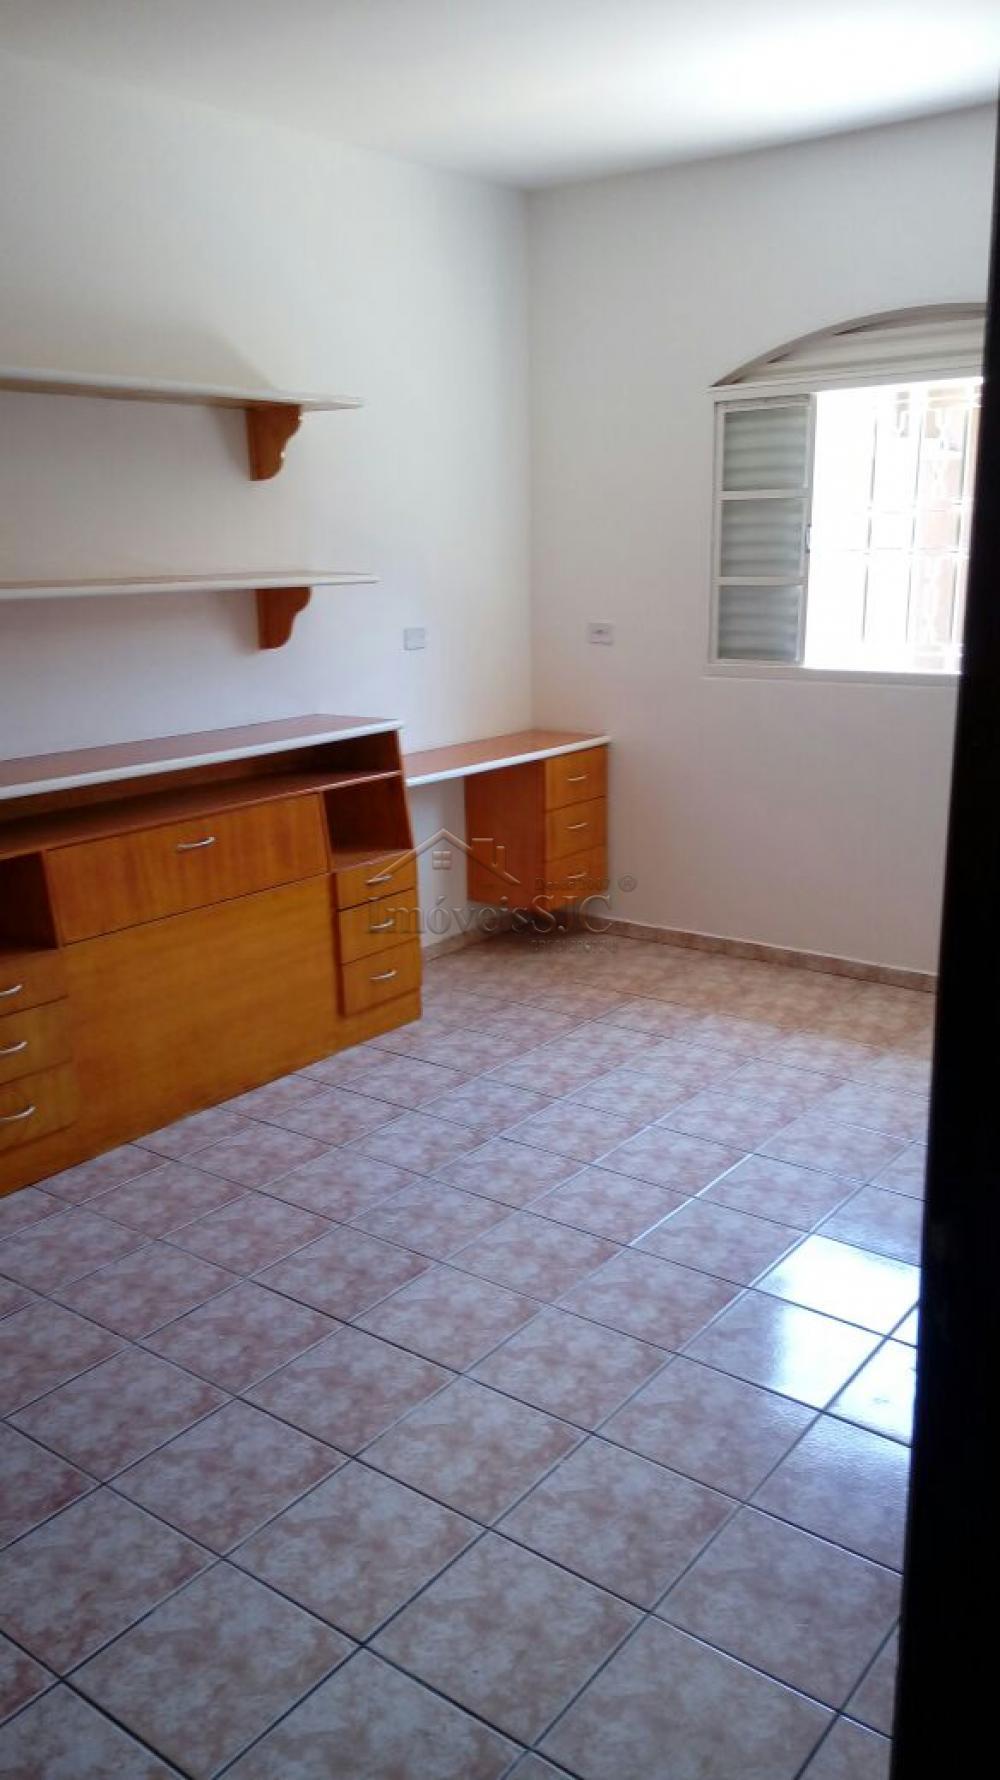 Comprar Casas / Padrão em São José dos Campos apenas R$ 470.000,00 - Foto 8